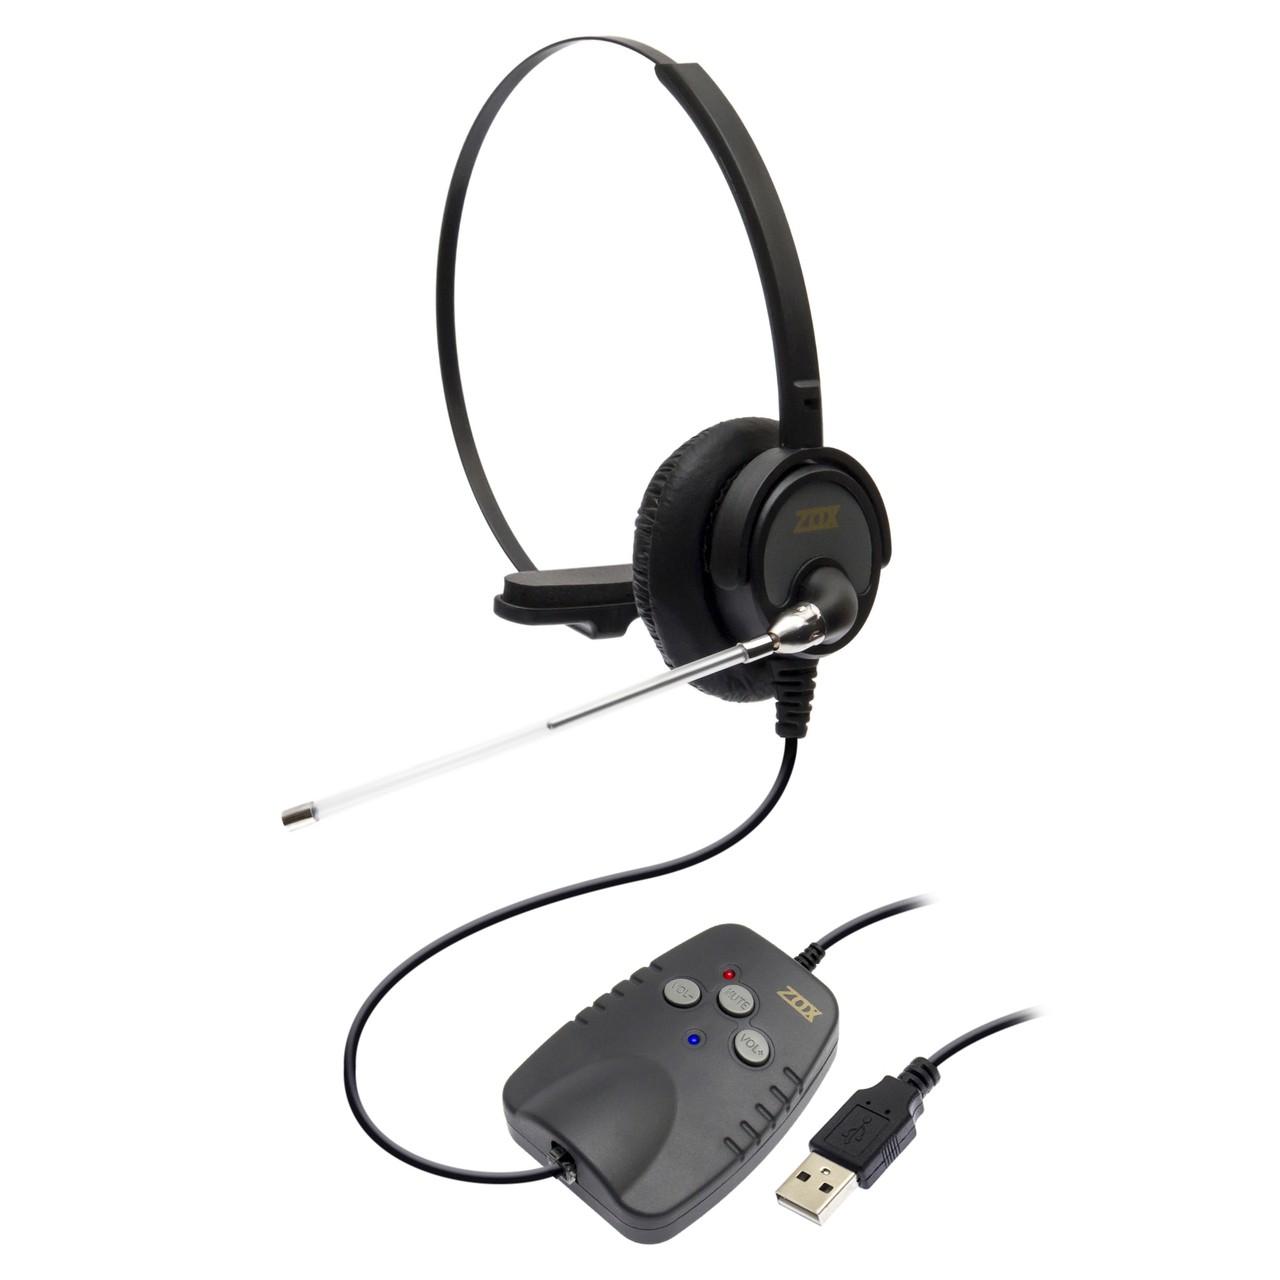 Headset USB com Adaptador para RJ9 DH-50T - Zox